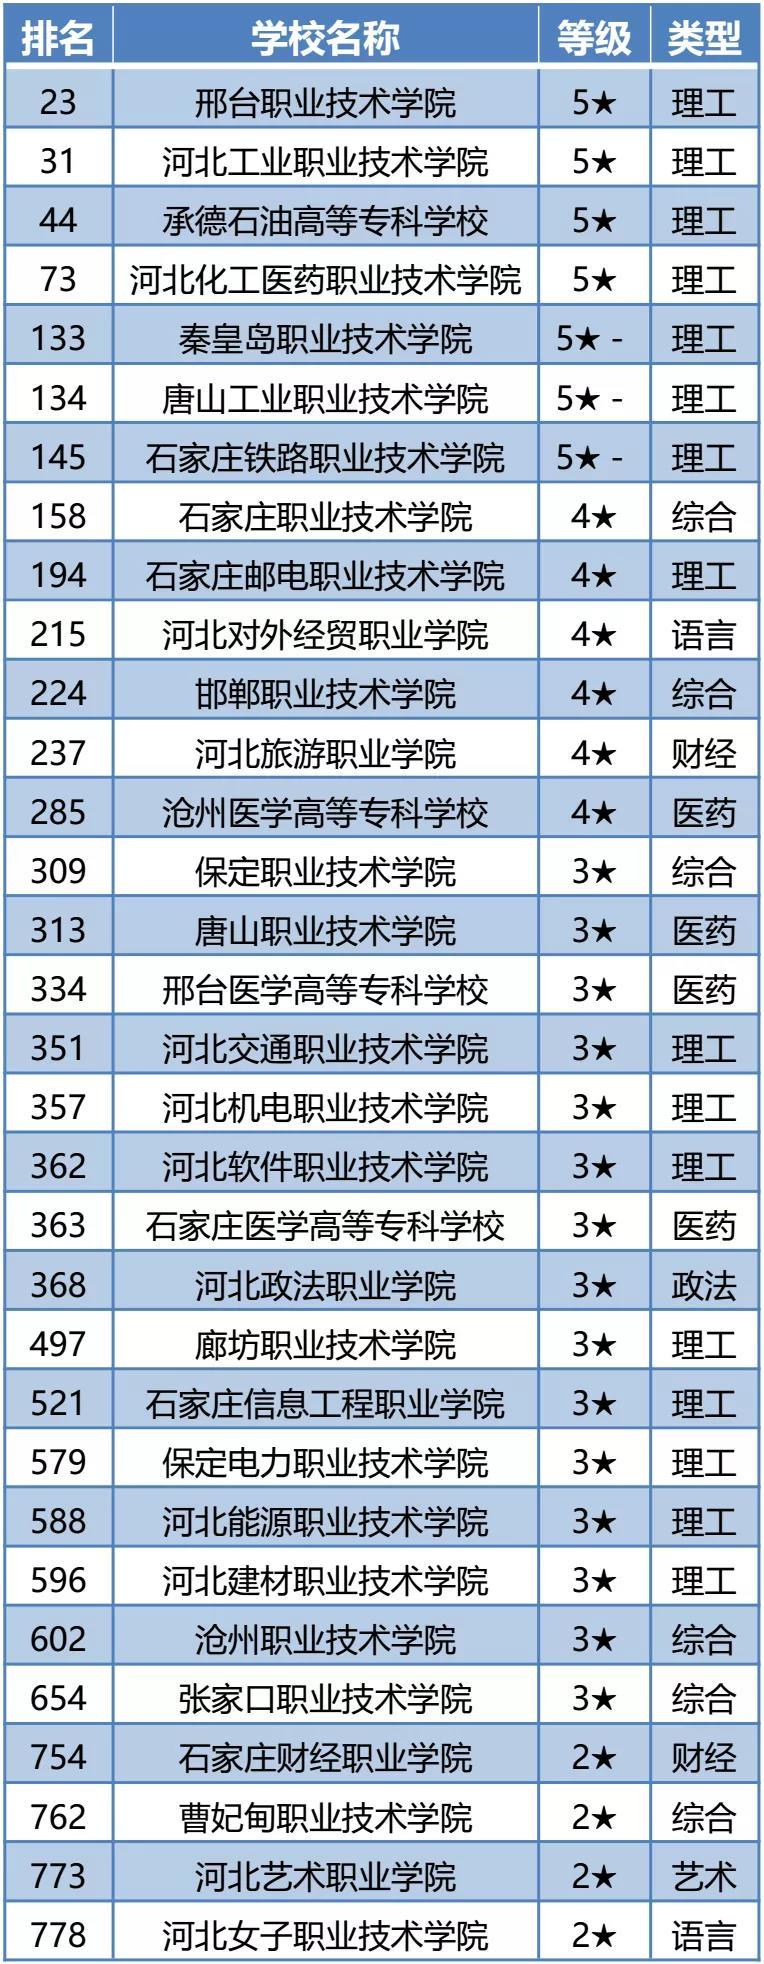 2021年中国高职院校综合竞争力排行榜